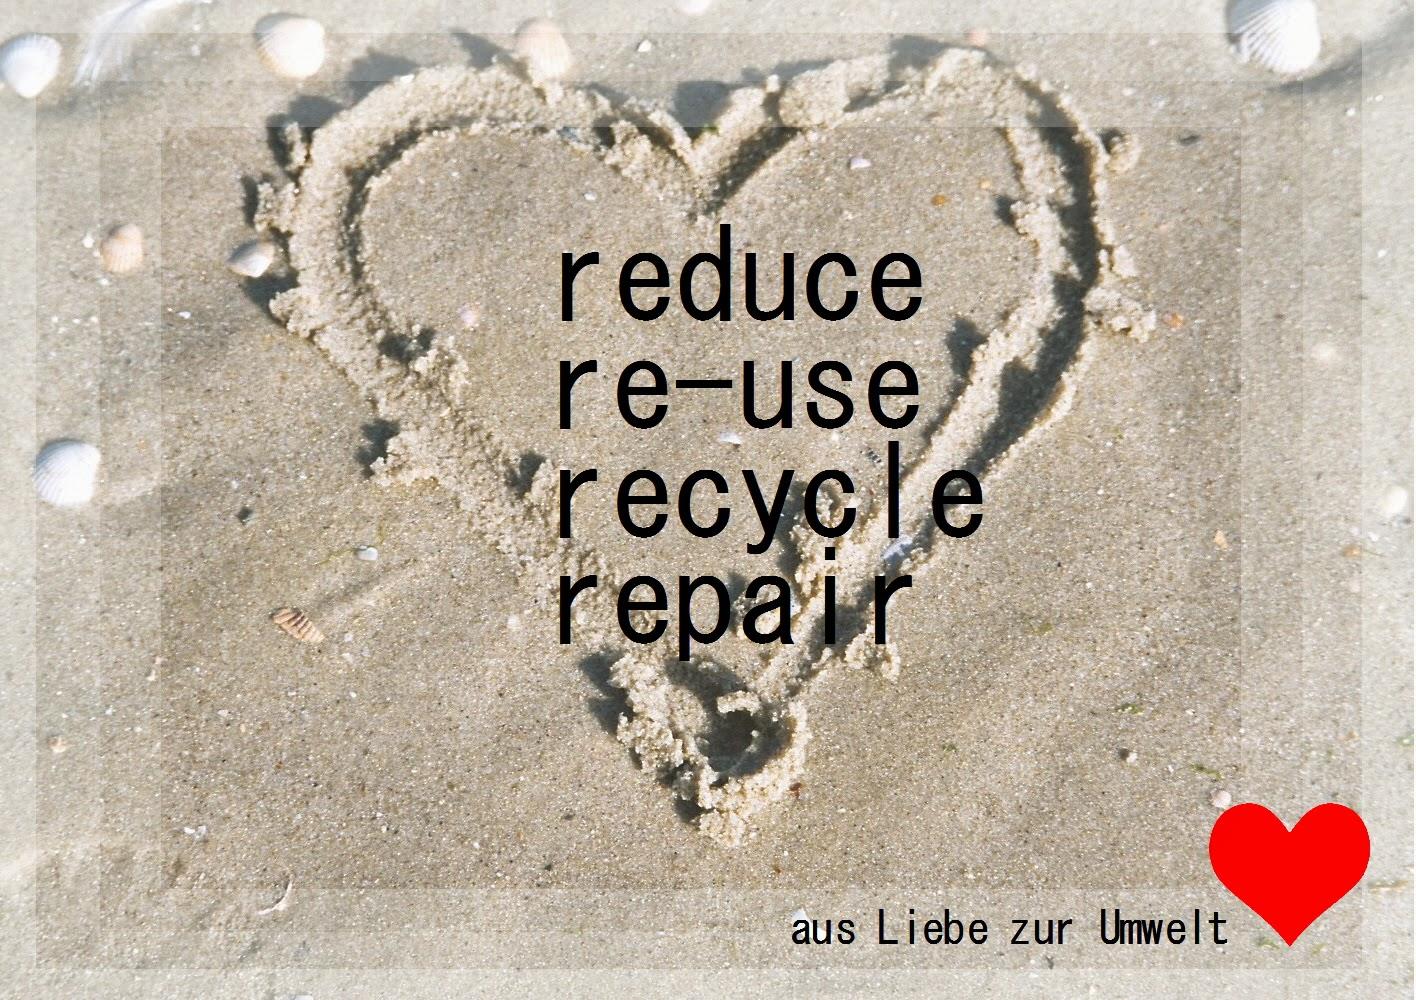 aus Liebe zur Umwelt